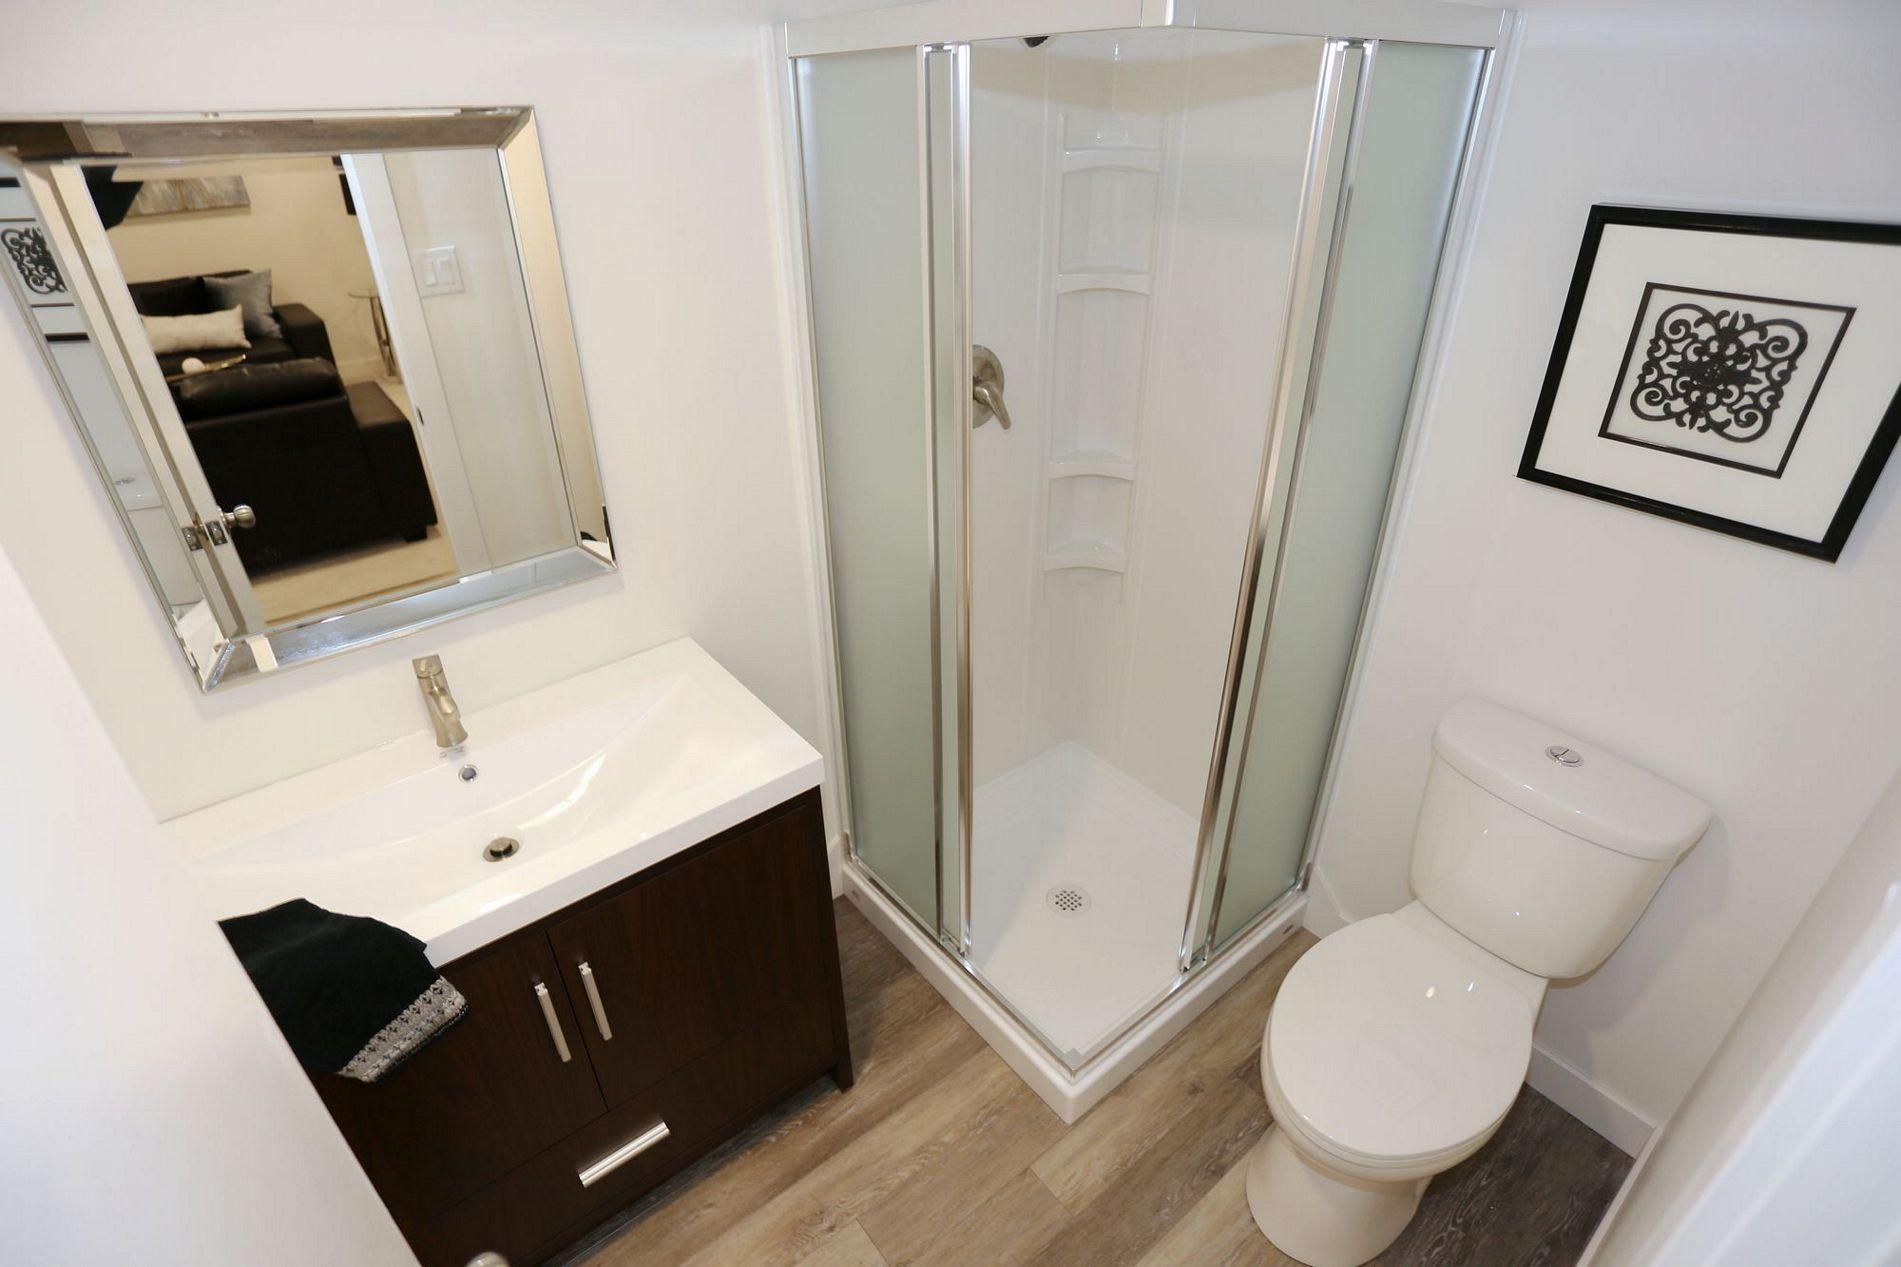 z-basement-bath-1a.jpg